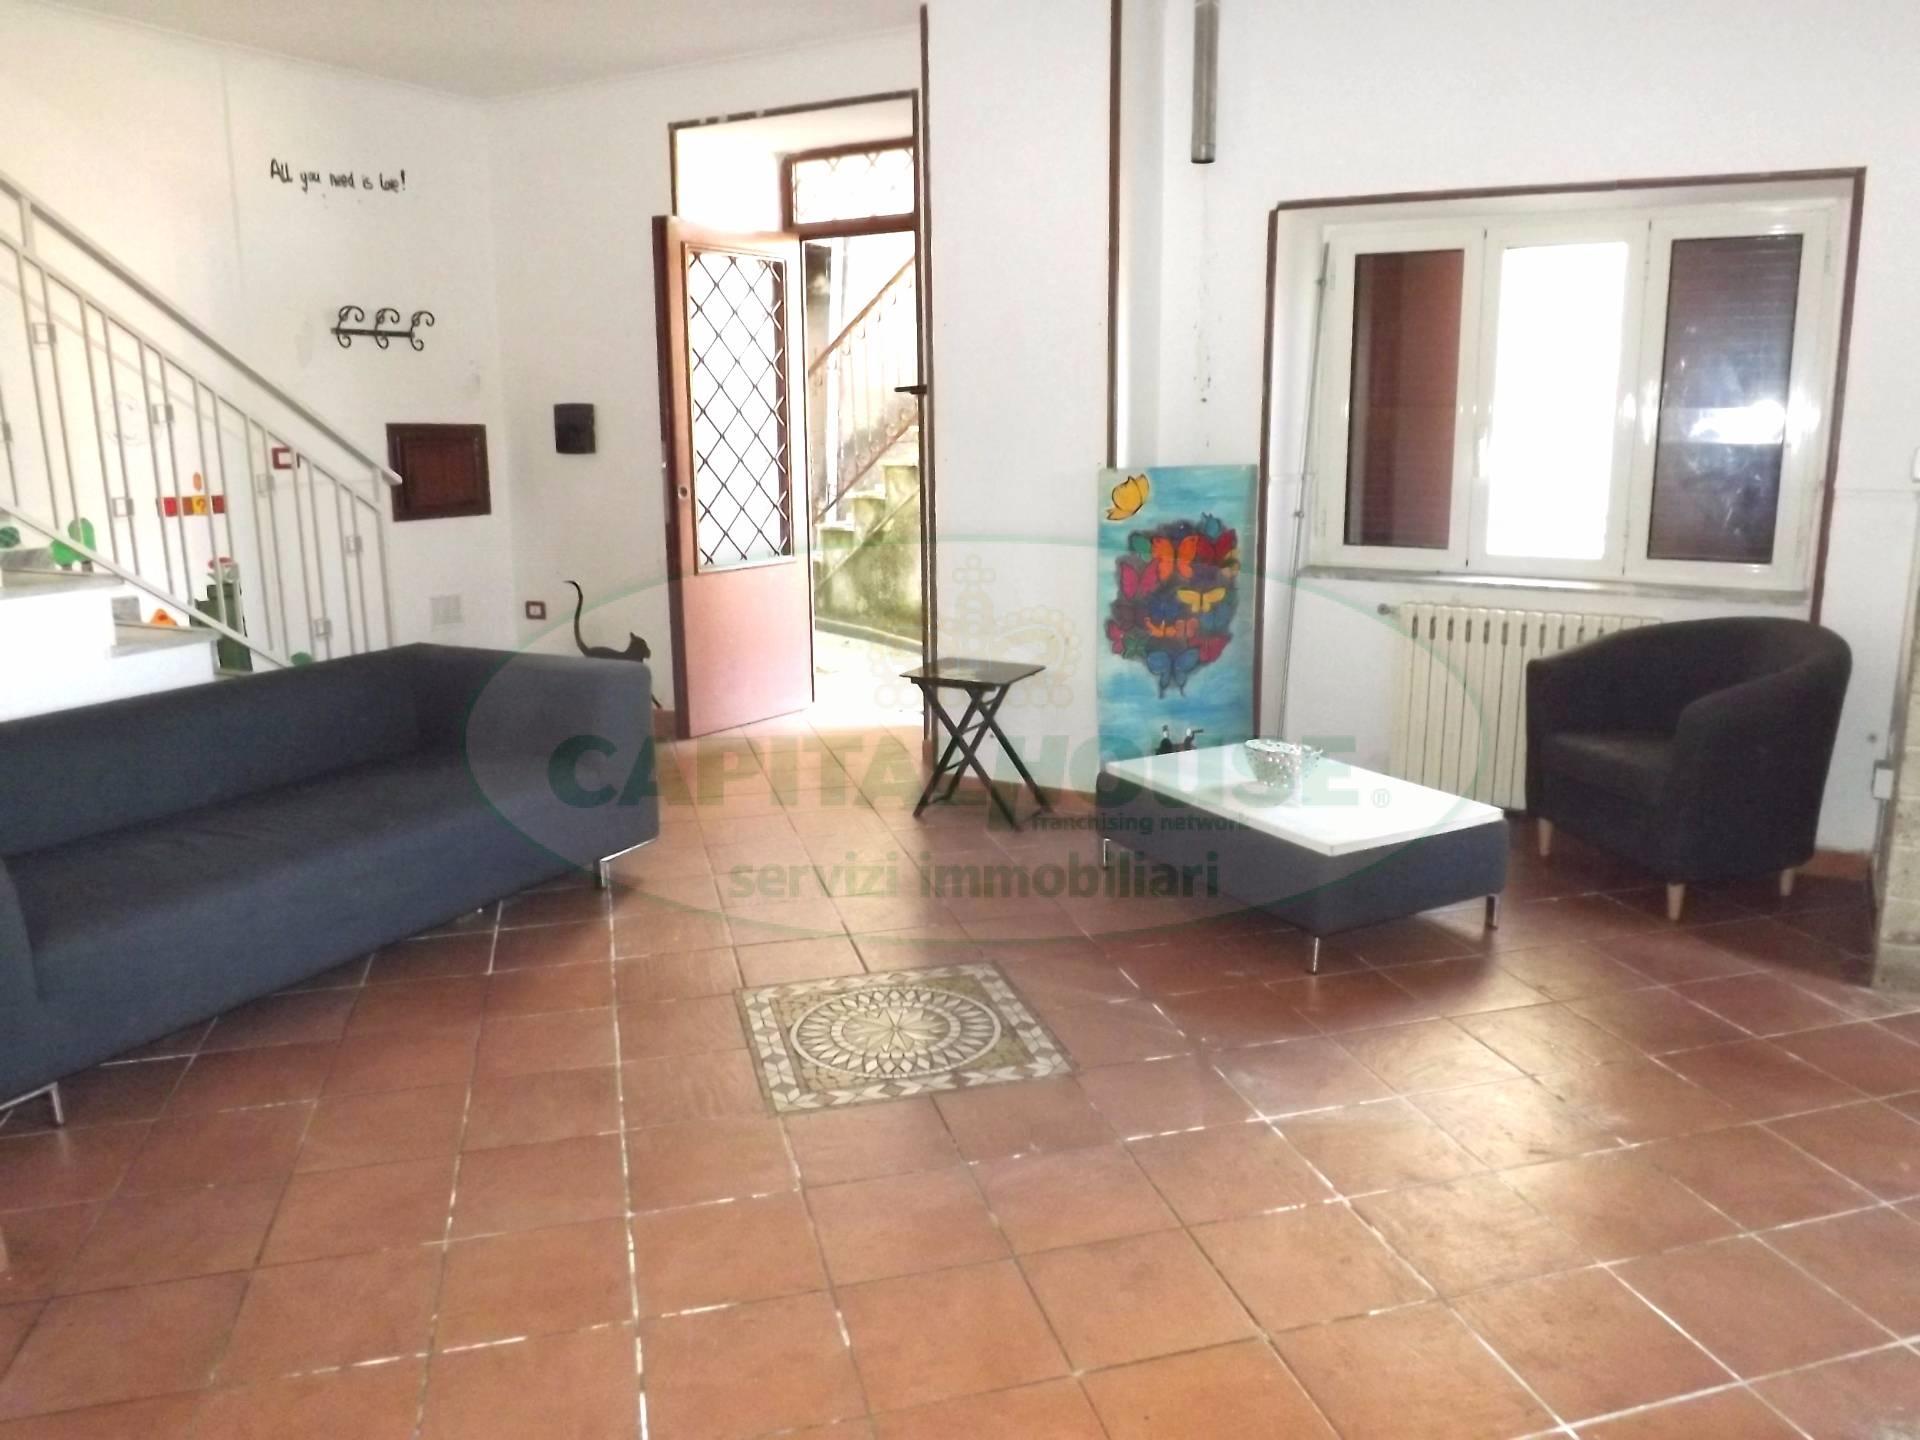 Soluzione Semindipendente in vendita a Cesinali, 3 locali, prezzo € 50.000 | CambioCasa.it